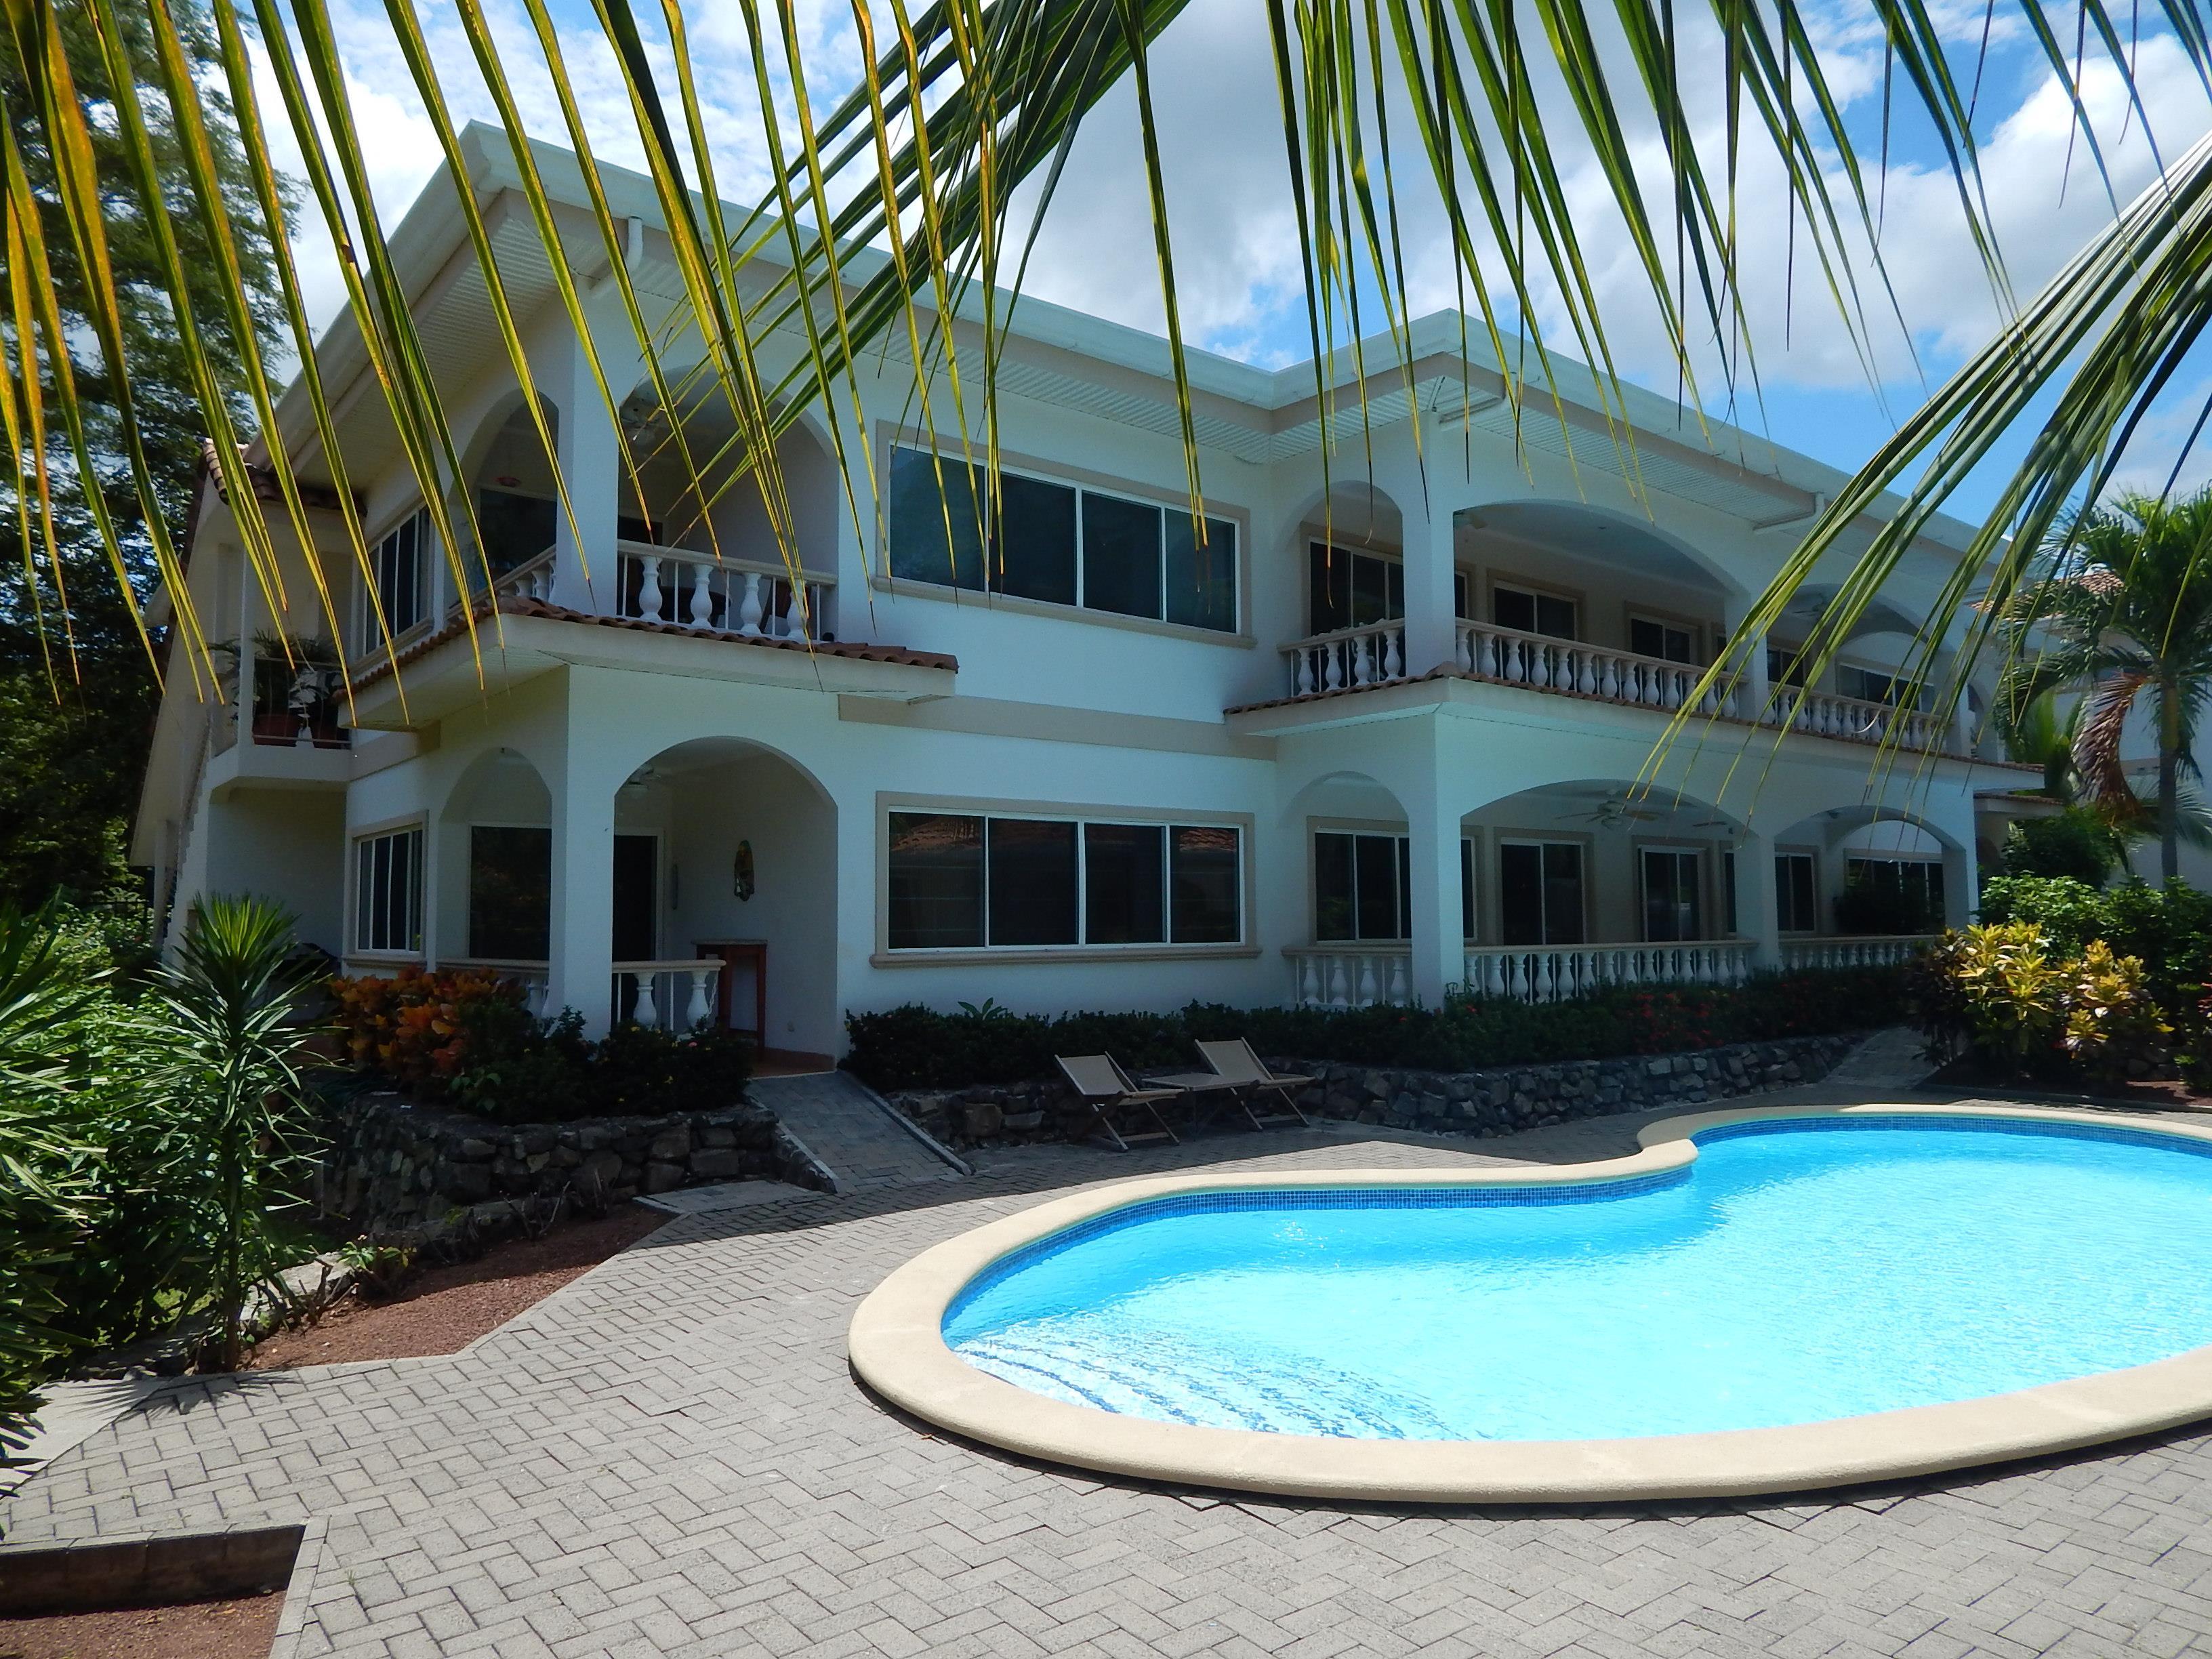 Costa Rica condo pool